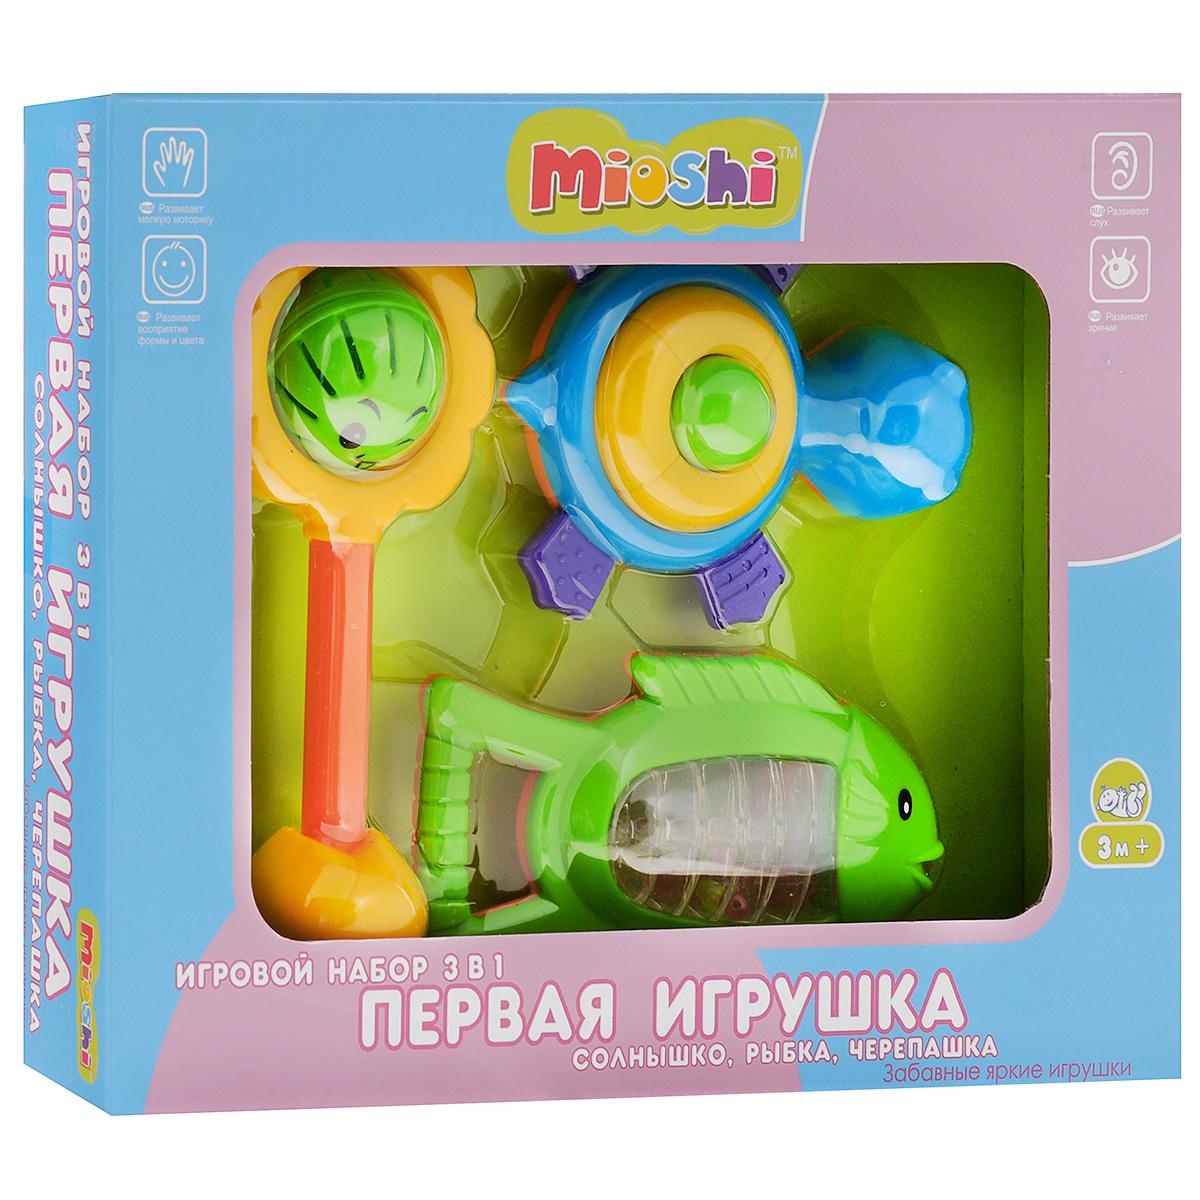 Mioshi Игровой набор Первая игрушка Солнышко Рыбка Черепашка цвет салатовый желтый голубойTY9046Яркие, звонкие, приятные на ощупь погремушки Mioshi Первая игрушка в форме солнышка, рыбки и черепашки станут любимыми игрушками вашей крохи. Игрушки помогают развивать мелкую моторику, восприятие формы и цвета предметов, а также слух и зрение. Игрушки Mioshi созданы специально для малышей, которые только начинают познавать этот волшебный мир. Дети в раннем возрасте всегда очень любознательны, они тщательно исследуют всё, что попадает им в руки. Заботясь о здоровье и безопасности малышей, Mioshi выпускает только качественную продукцию, которая прошла сертификацию.